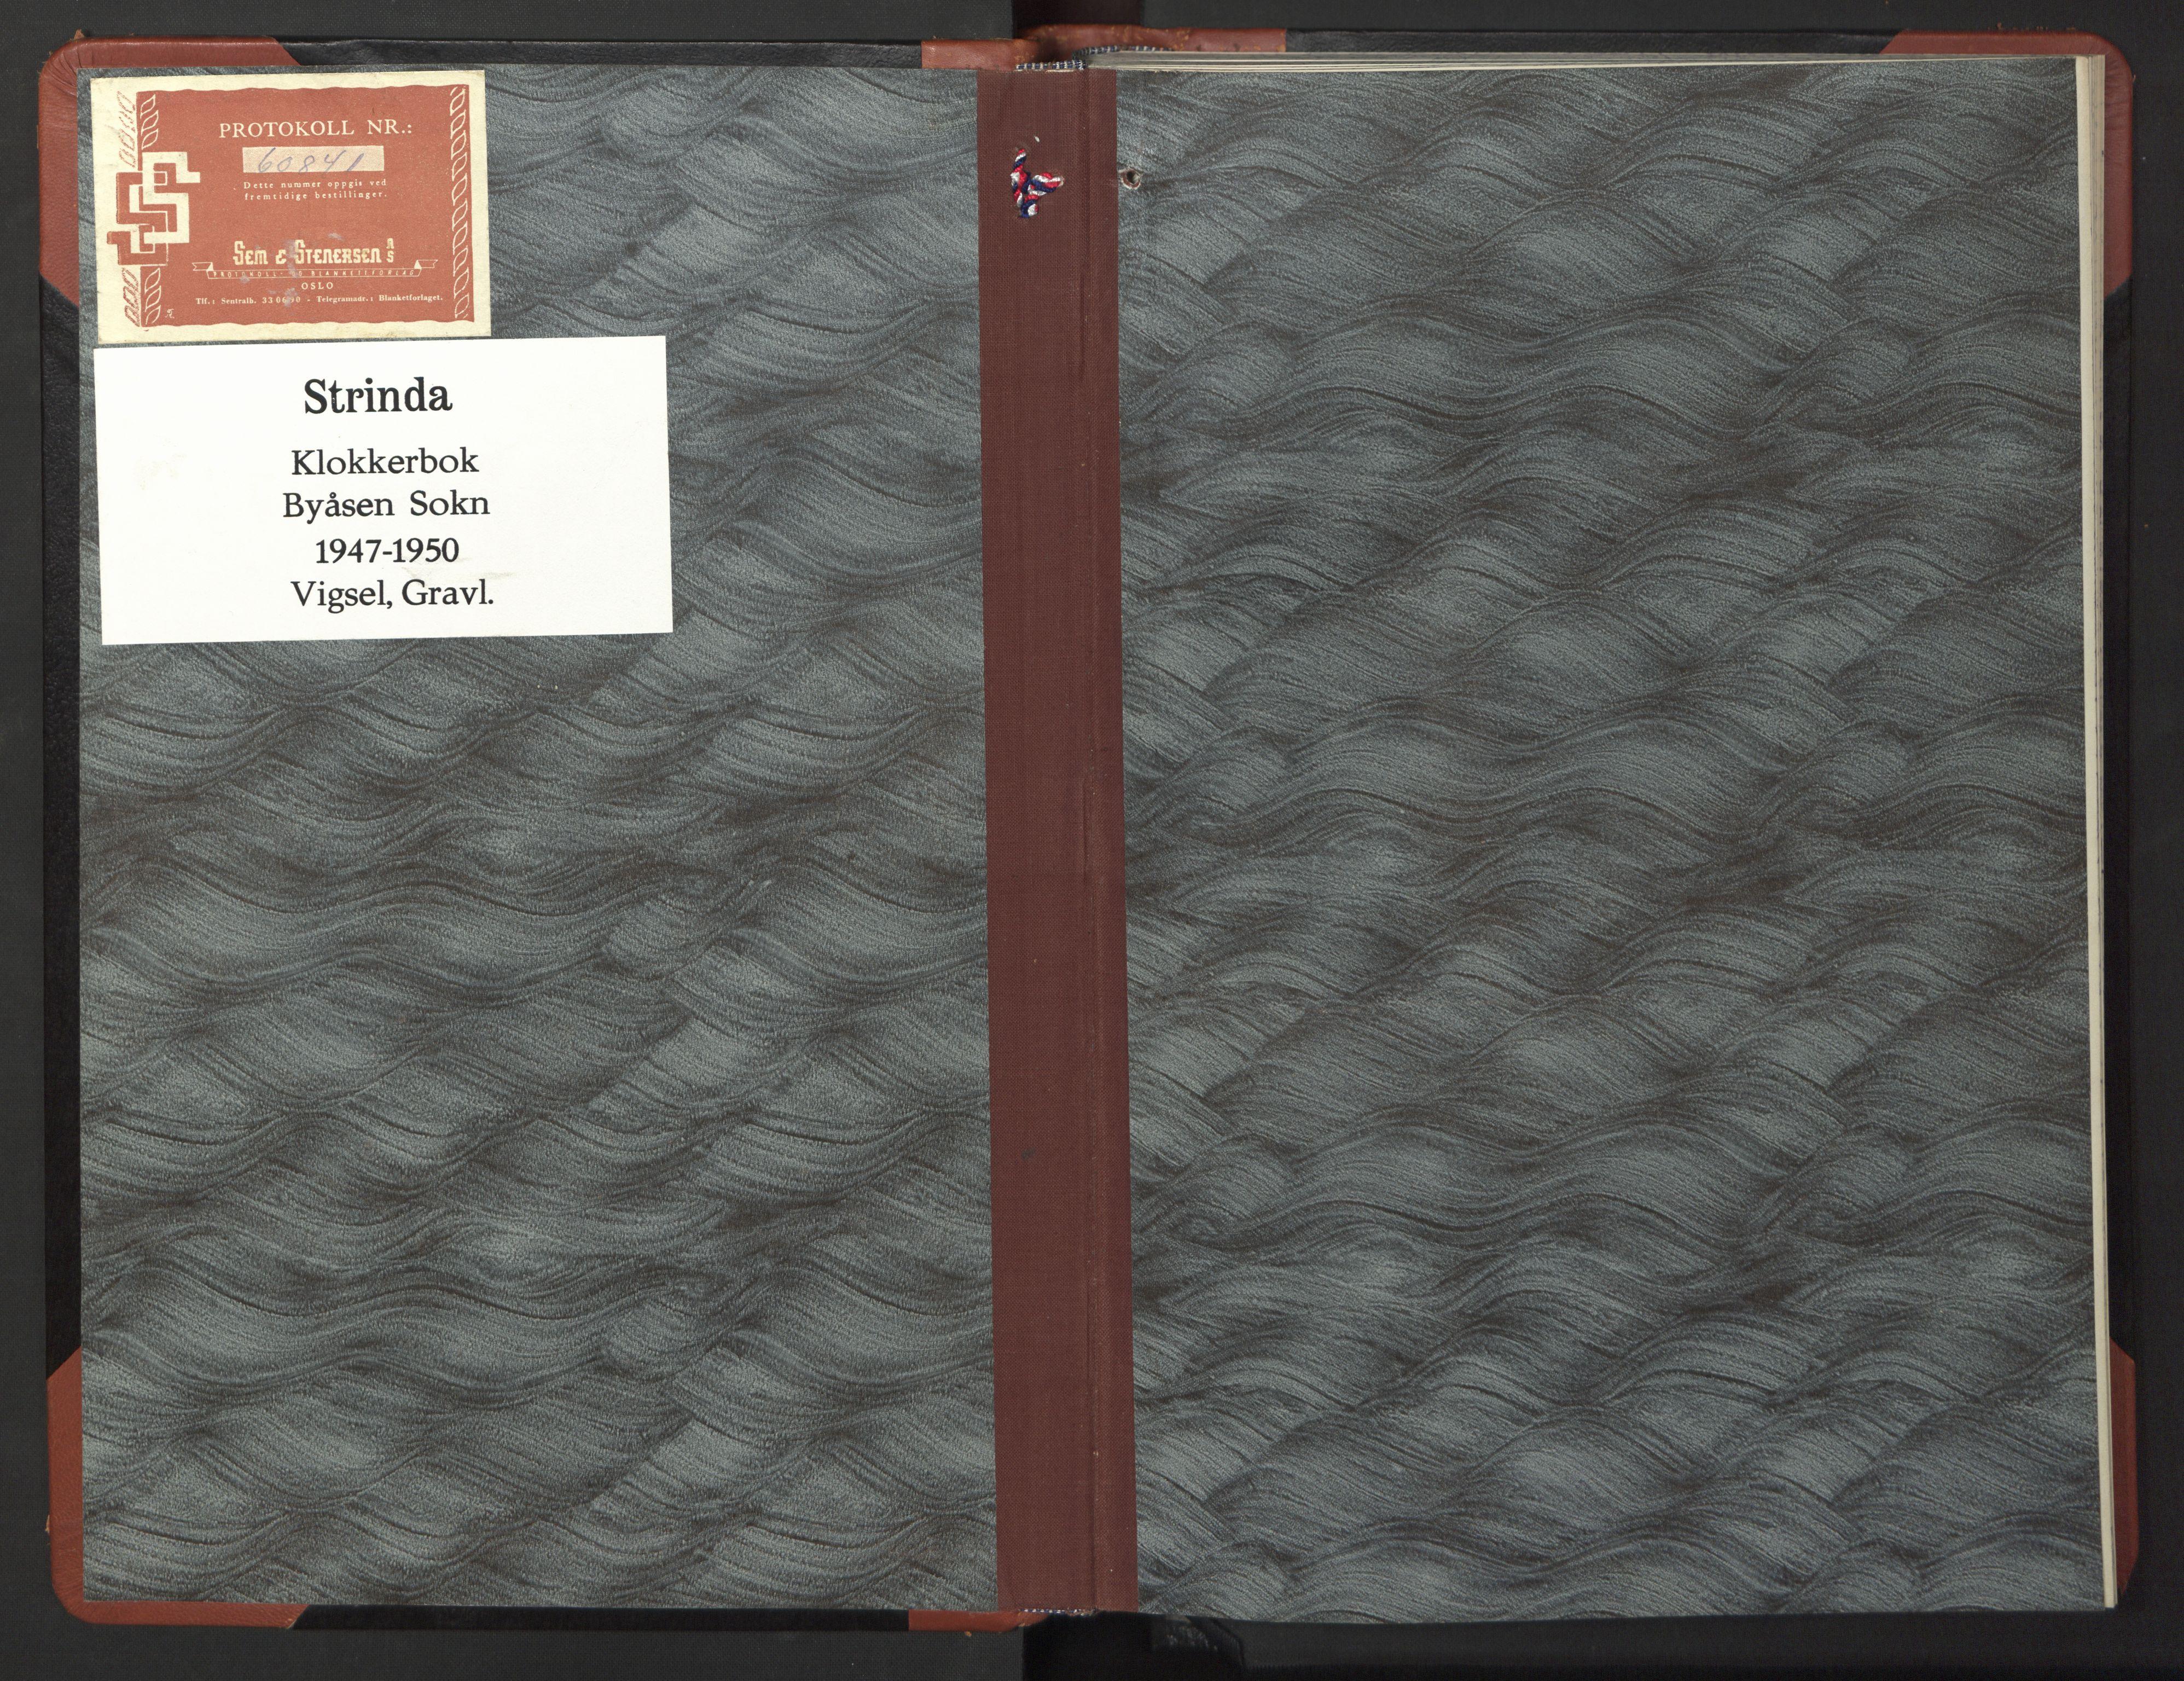 SAT, Ministerialprotokoller, klokkerbøker og fødselsregistre - Sør-Trøndelag, 611/L0359: Klokkerbok nr. 611C07, 1947-1950